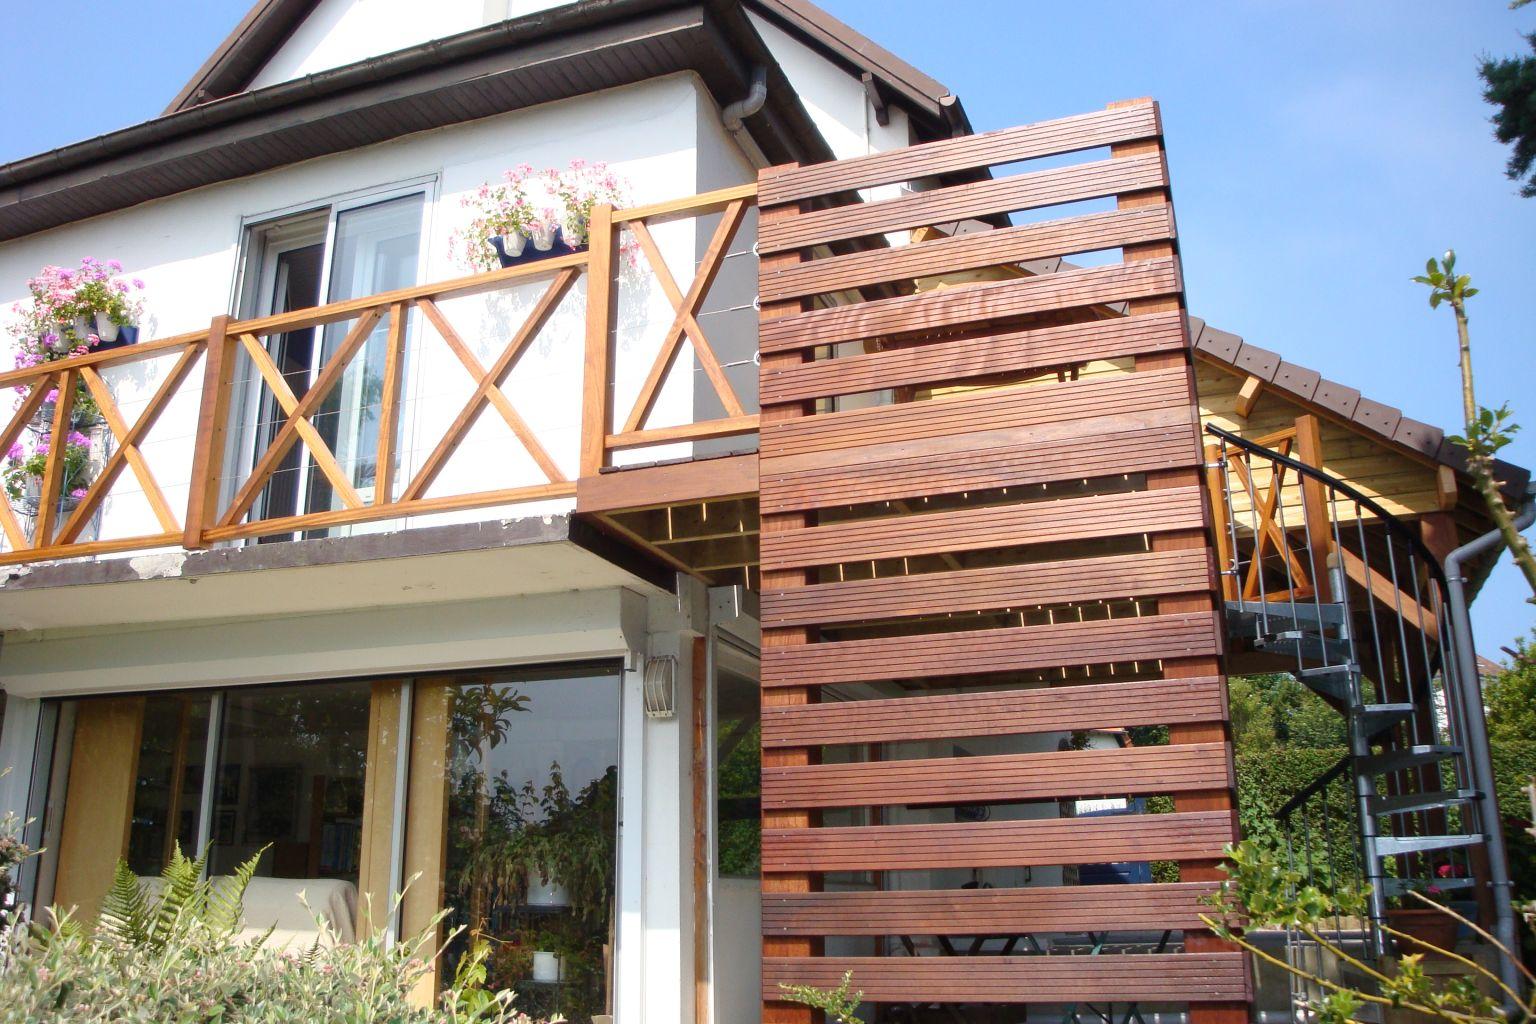 Extension Bois Sur Pilotis : Maison bois Extensions bois Terrasses bois